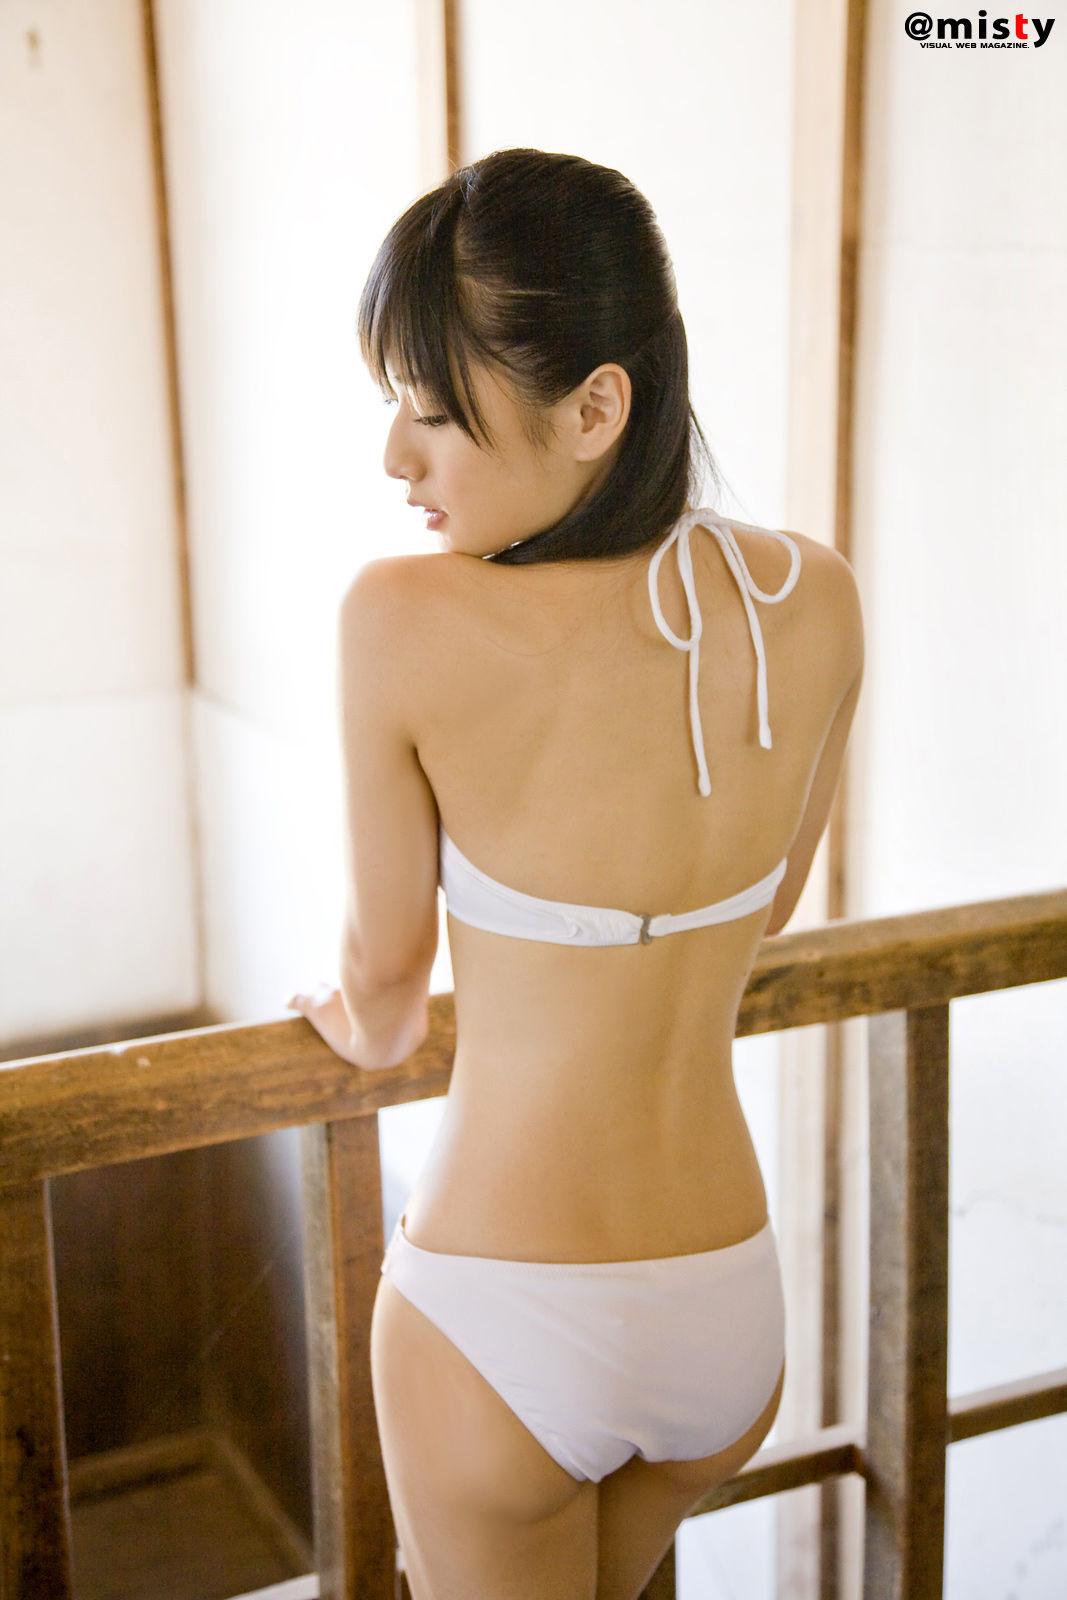 日本女优性感套图